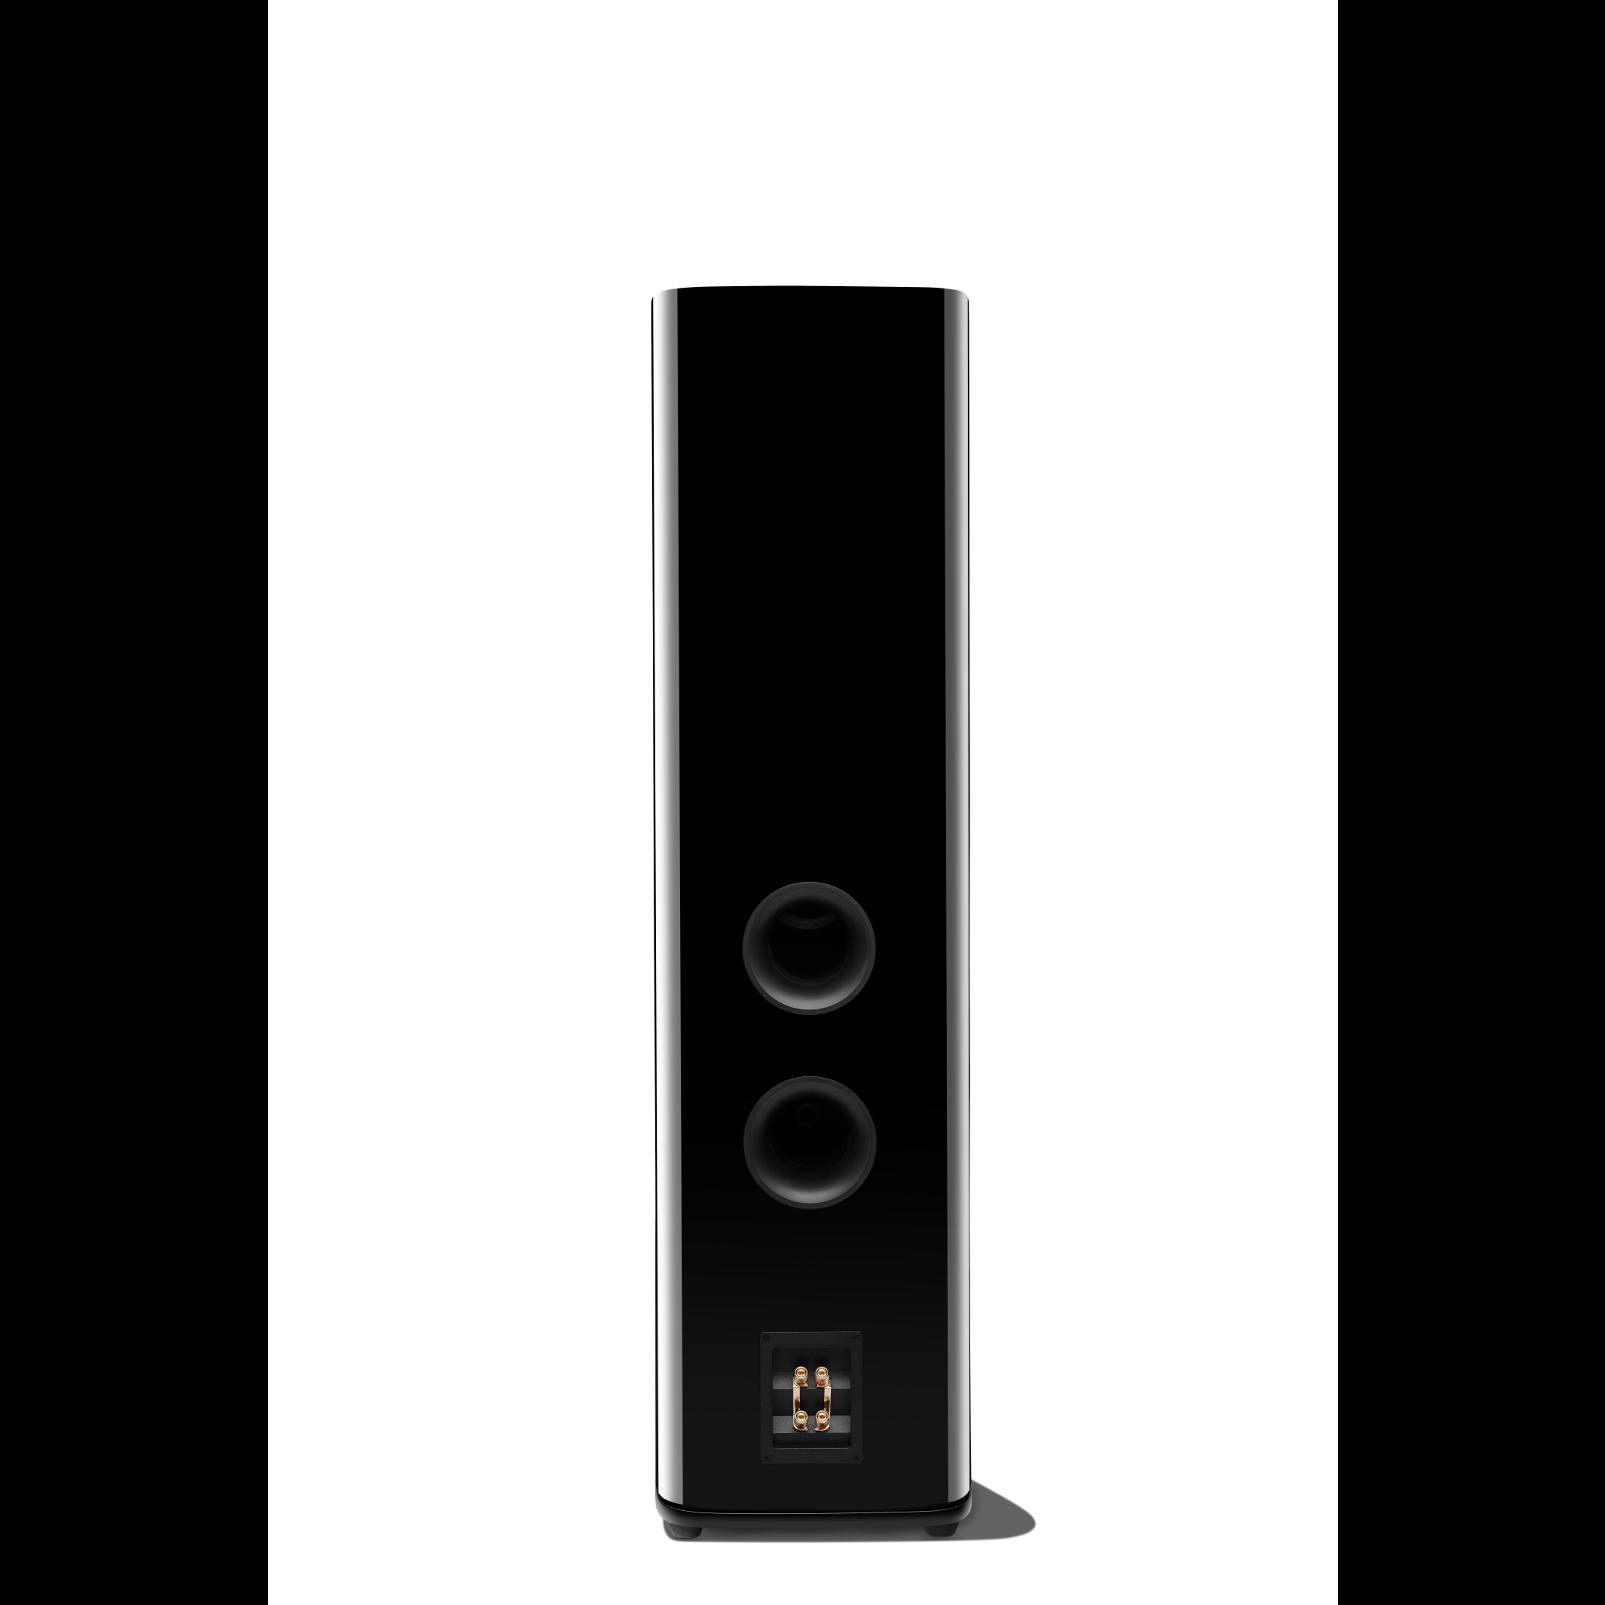 HDI-3800 - Black Gloss - 2 ½-way Triple 8-inch (200mm) Floorstanding Loudspeaker - Back